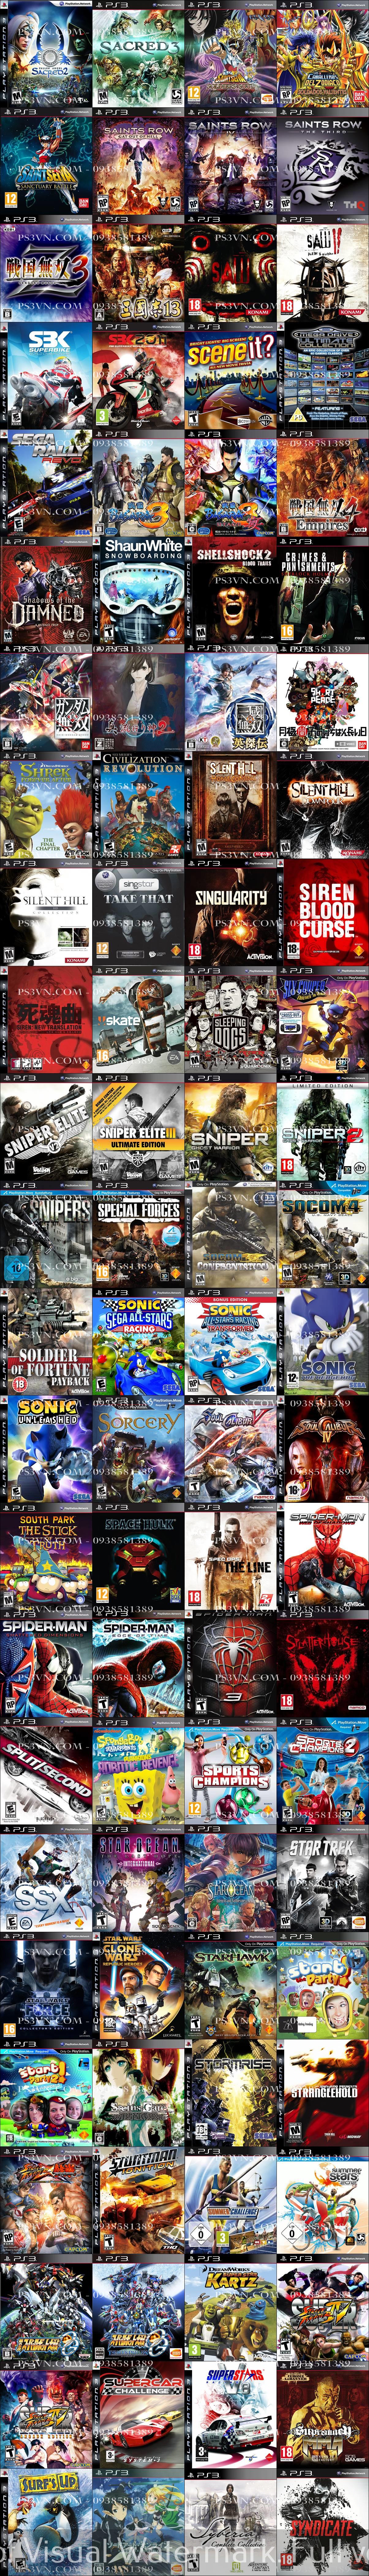 Chép Game PS3 tại nhà giá rẻ nhất TPHCM - PS3VN.COM - 38